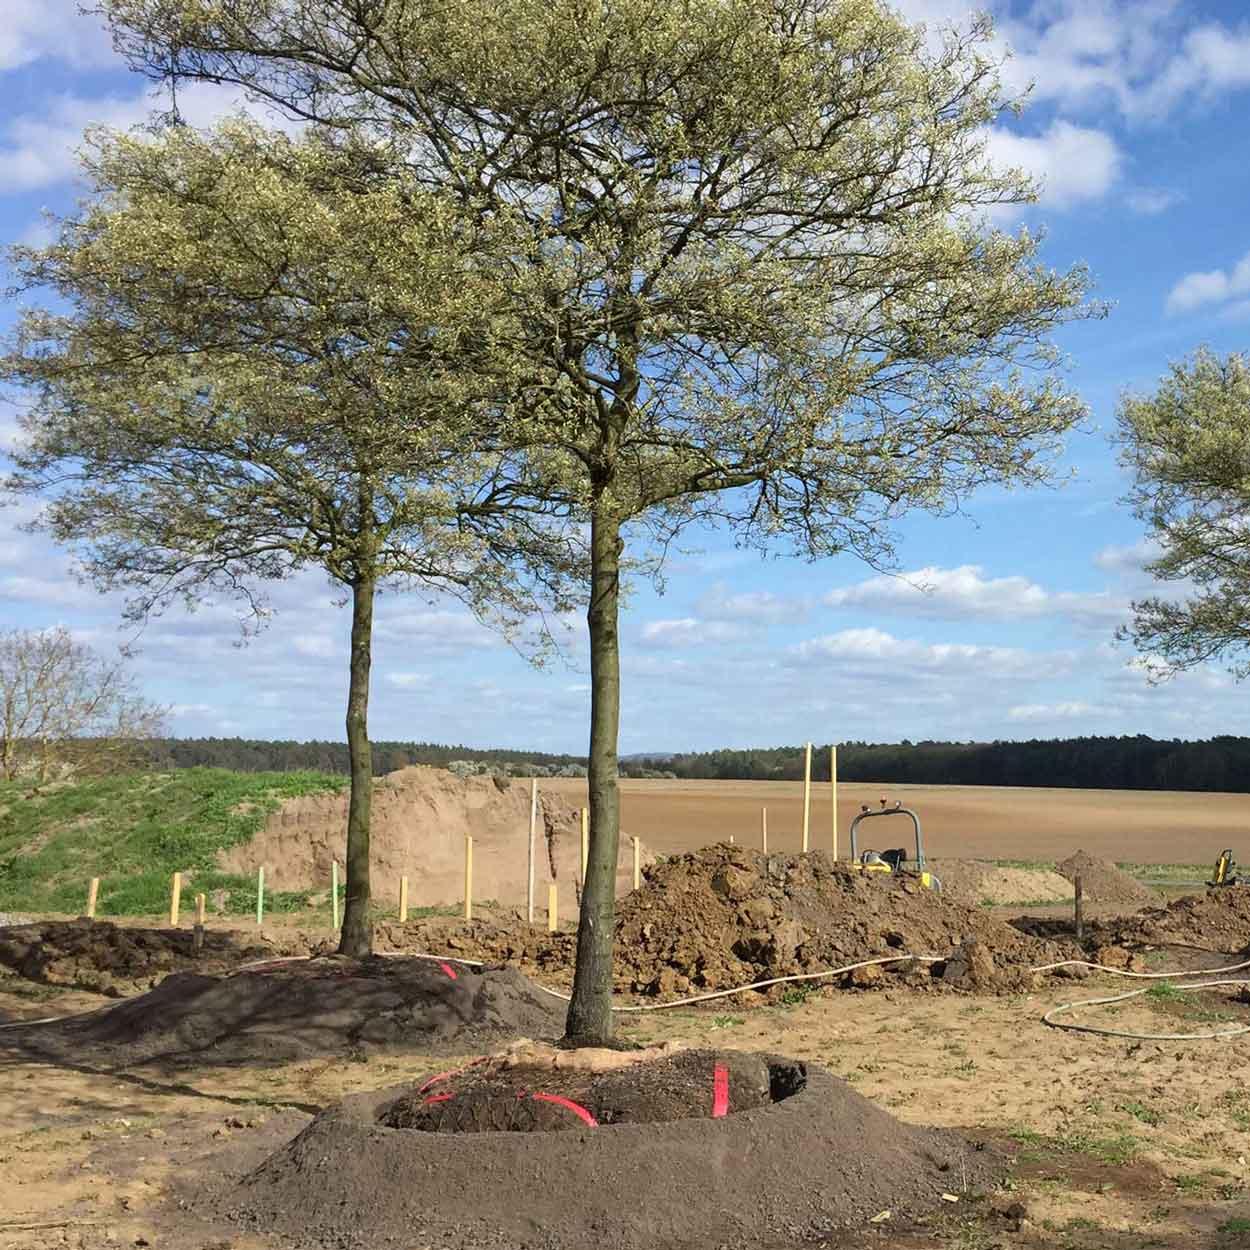 Große Amelanchier-Solitärbäume beim Einpflanzen